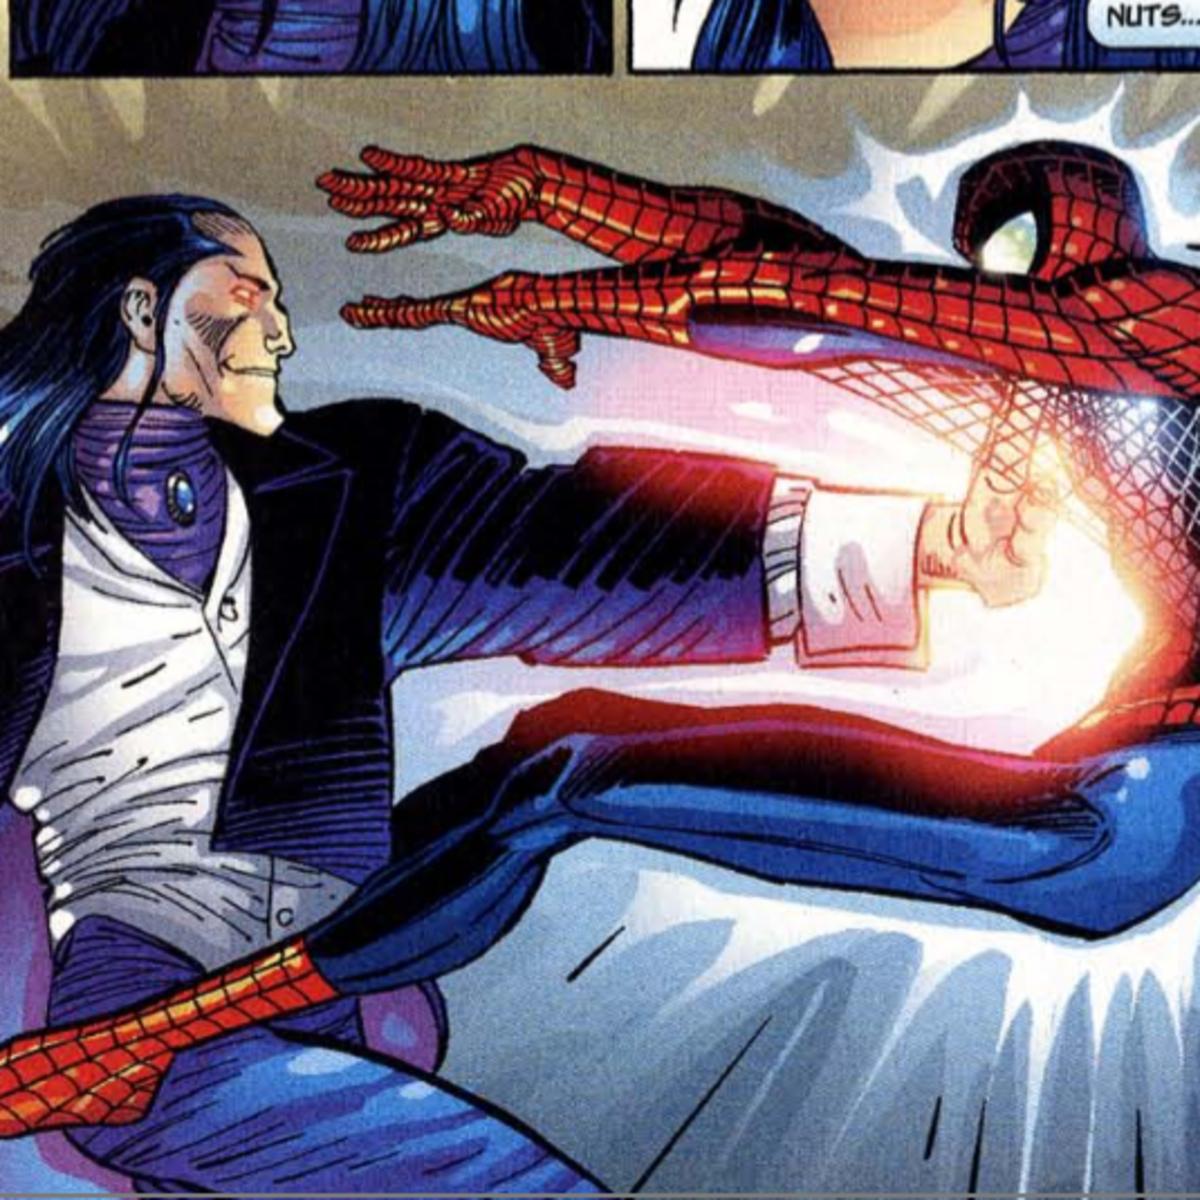 Brand New Baddies: The 10 Best Original 21st Century Spider-Man Villains